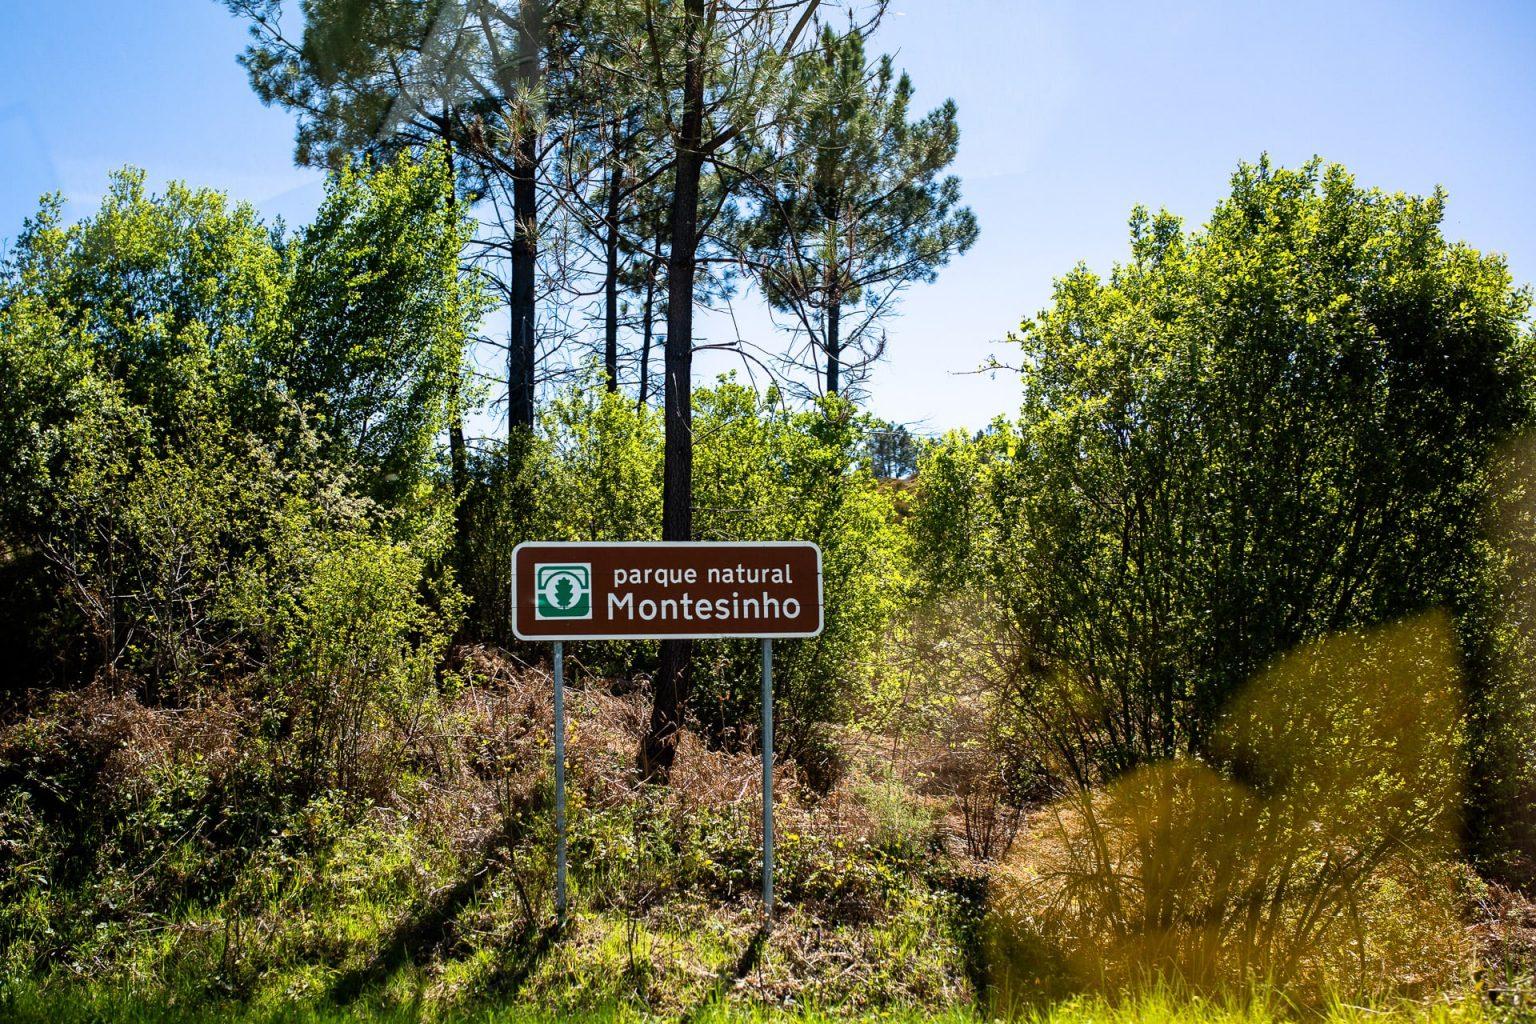 Parque Natural Montesinho En Van Vw Aménagé